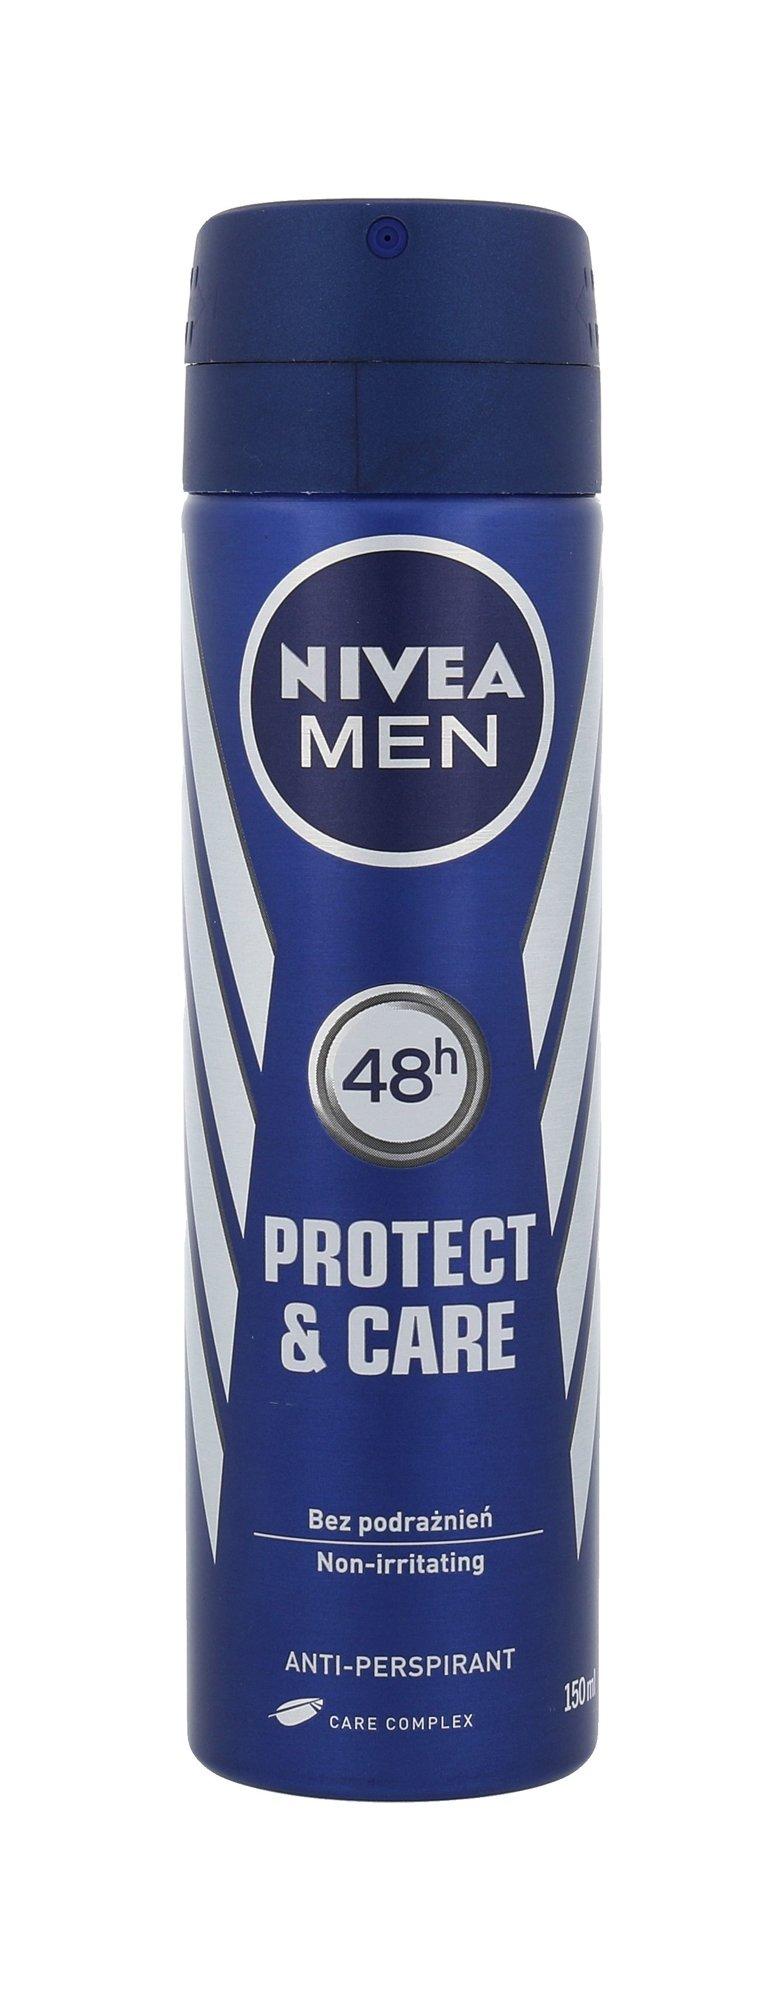 Nivea Men Protect & Care Cosmetic 150ml